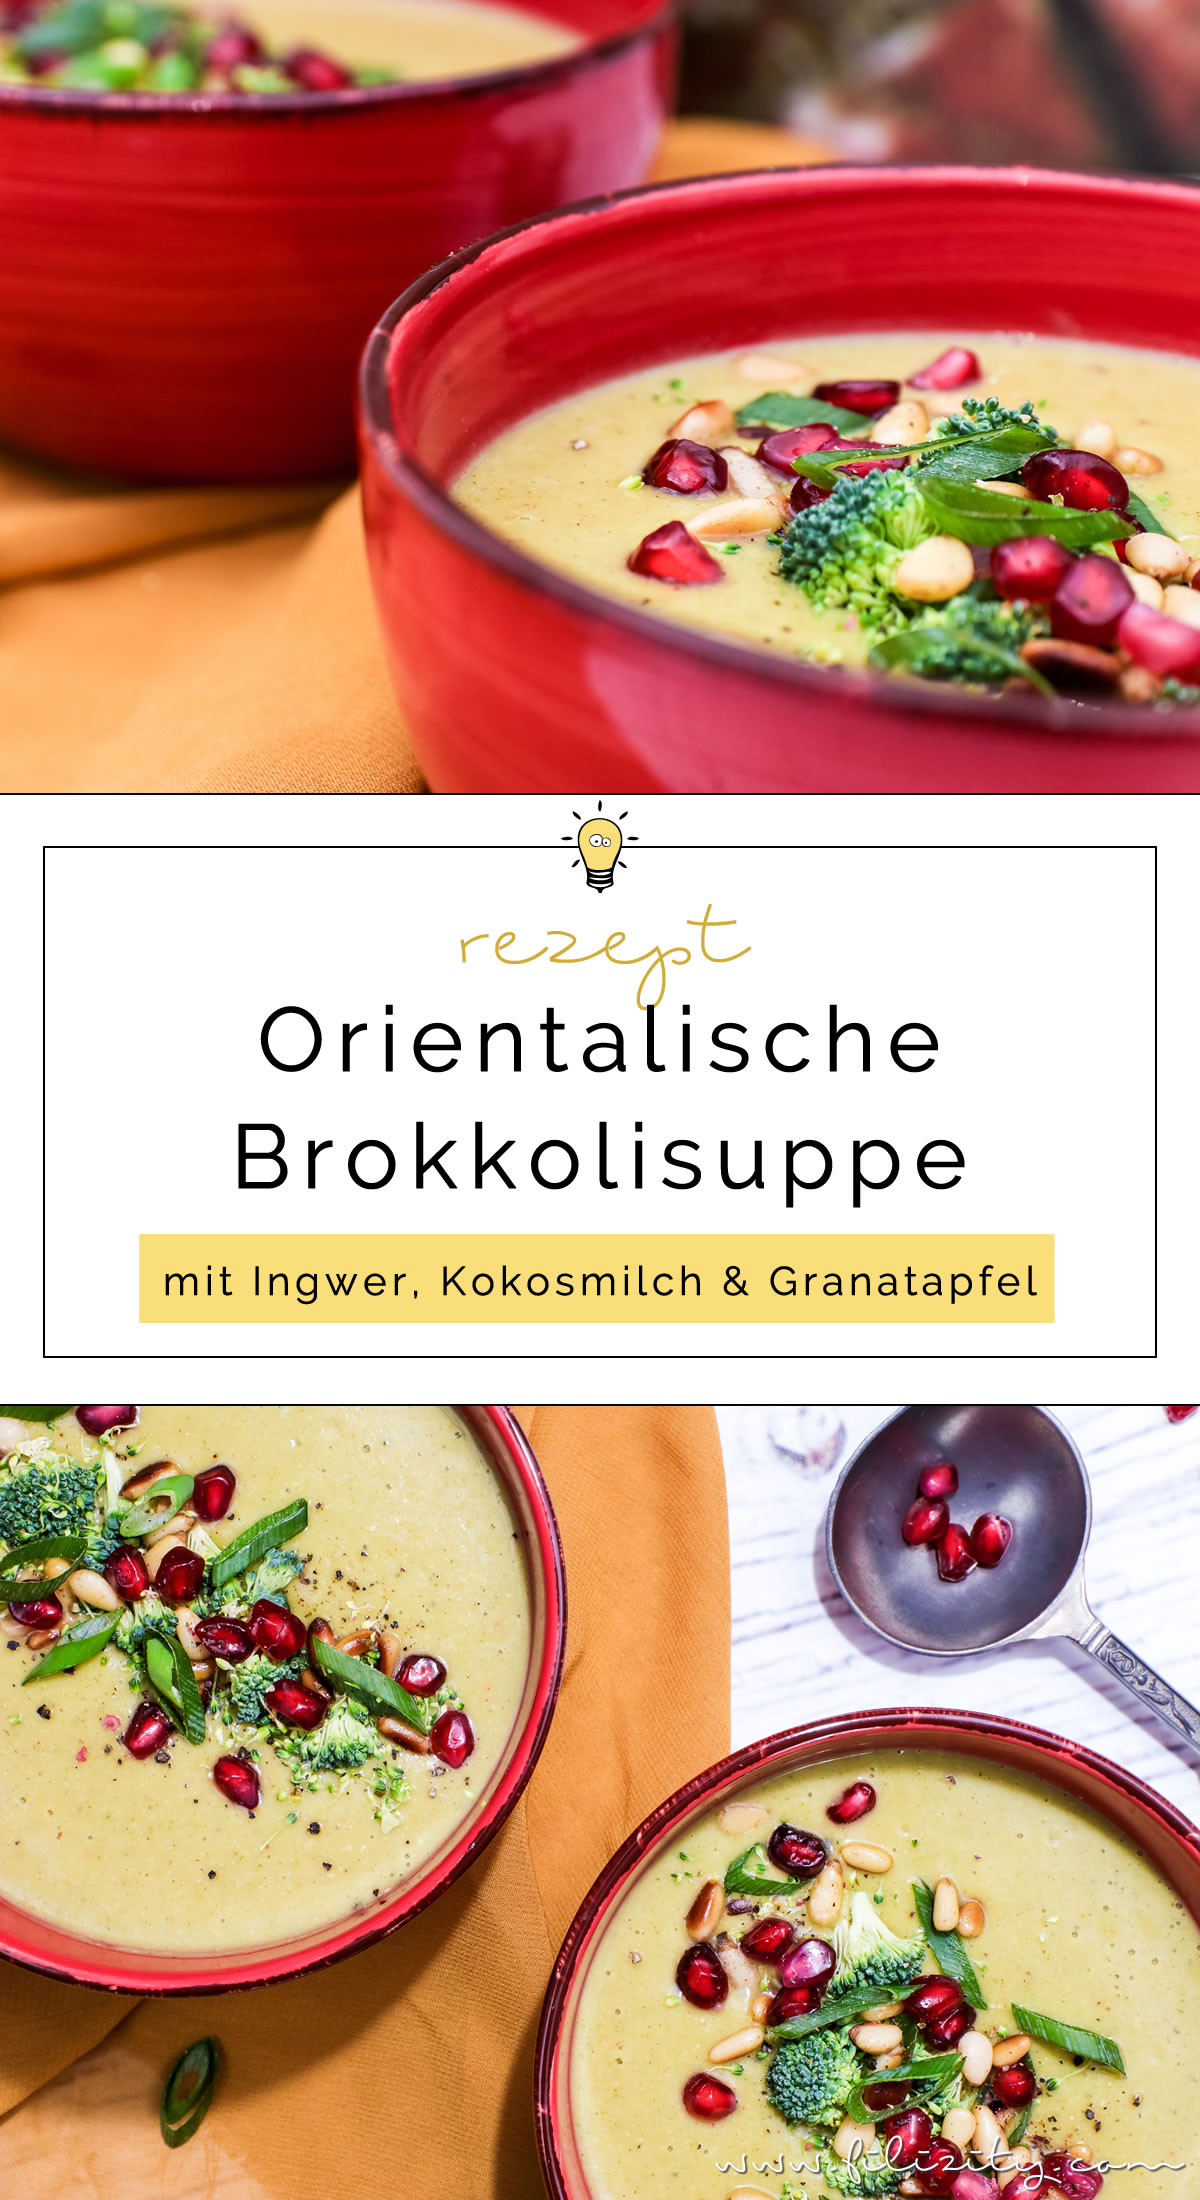 Orientalische Brokkoli-Suppe mit Ingwer, Kokos und Granatapfel | Veganes Rezept für Vorspeise oder Hauptgericht | Filizity.com | Food-Blog aus dem Rheinland #vegan #gesund #soulfood